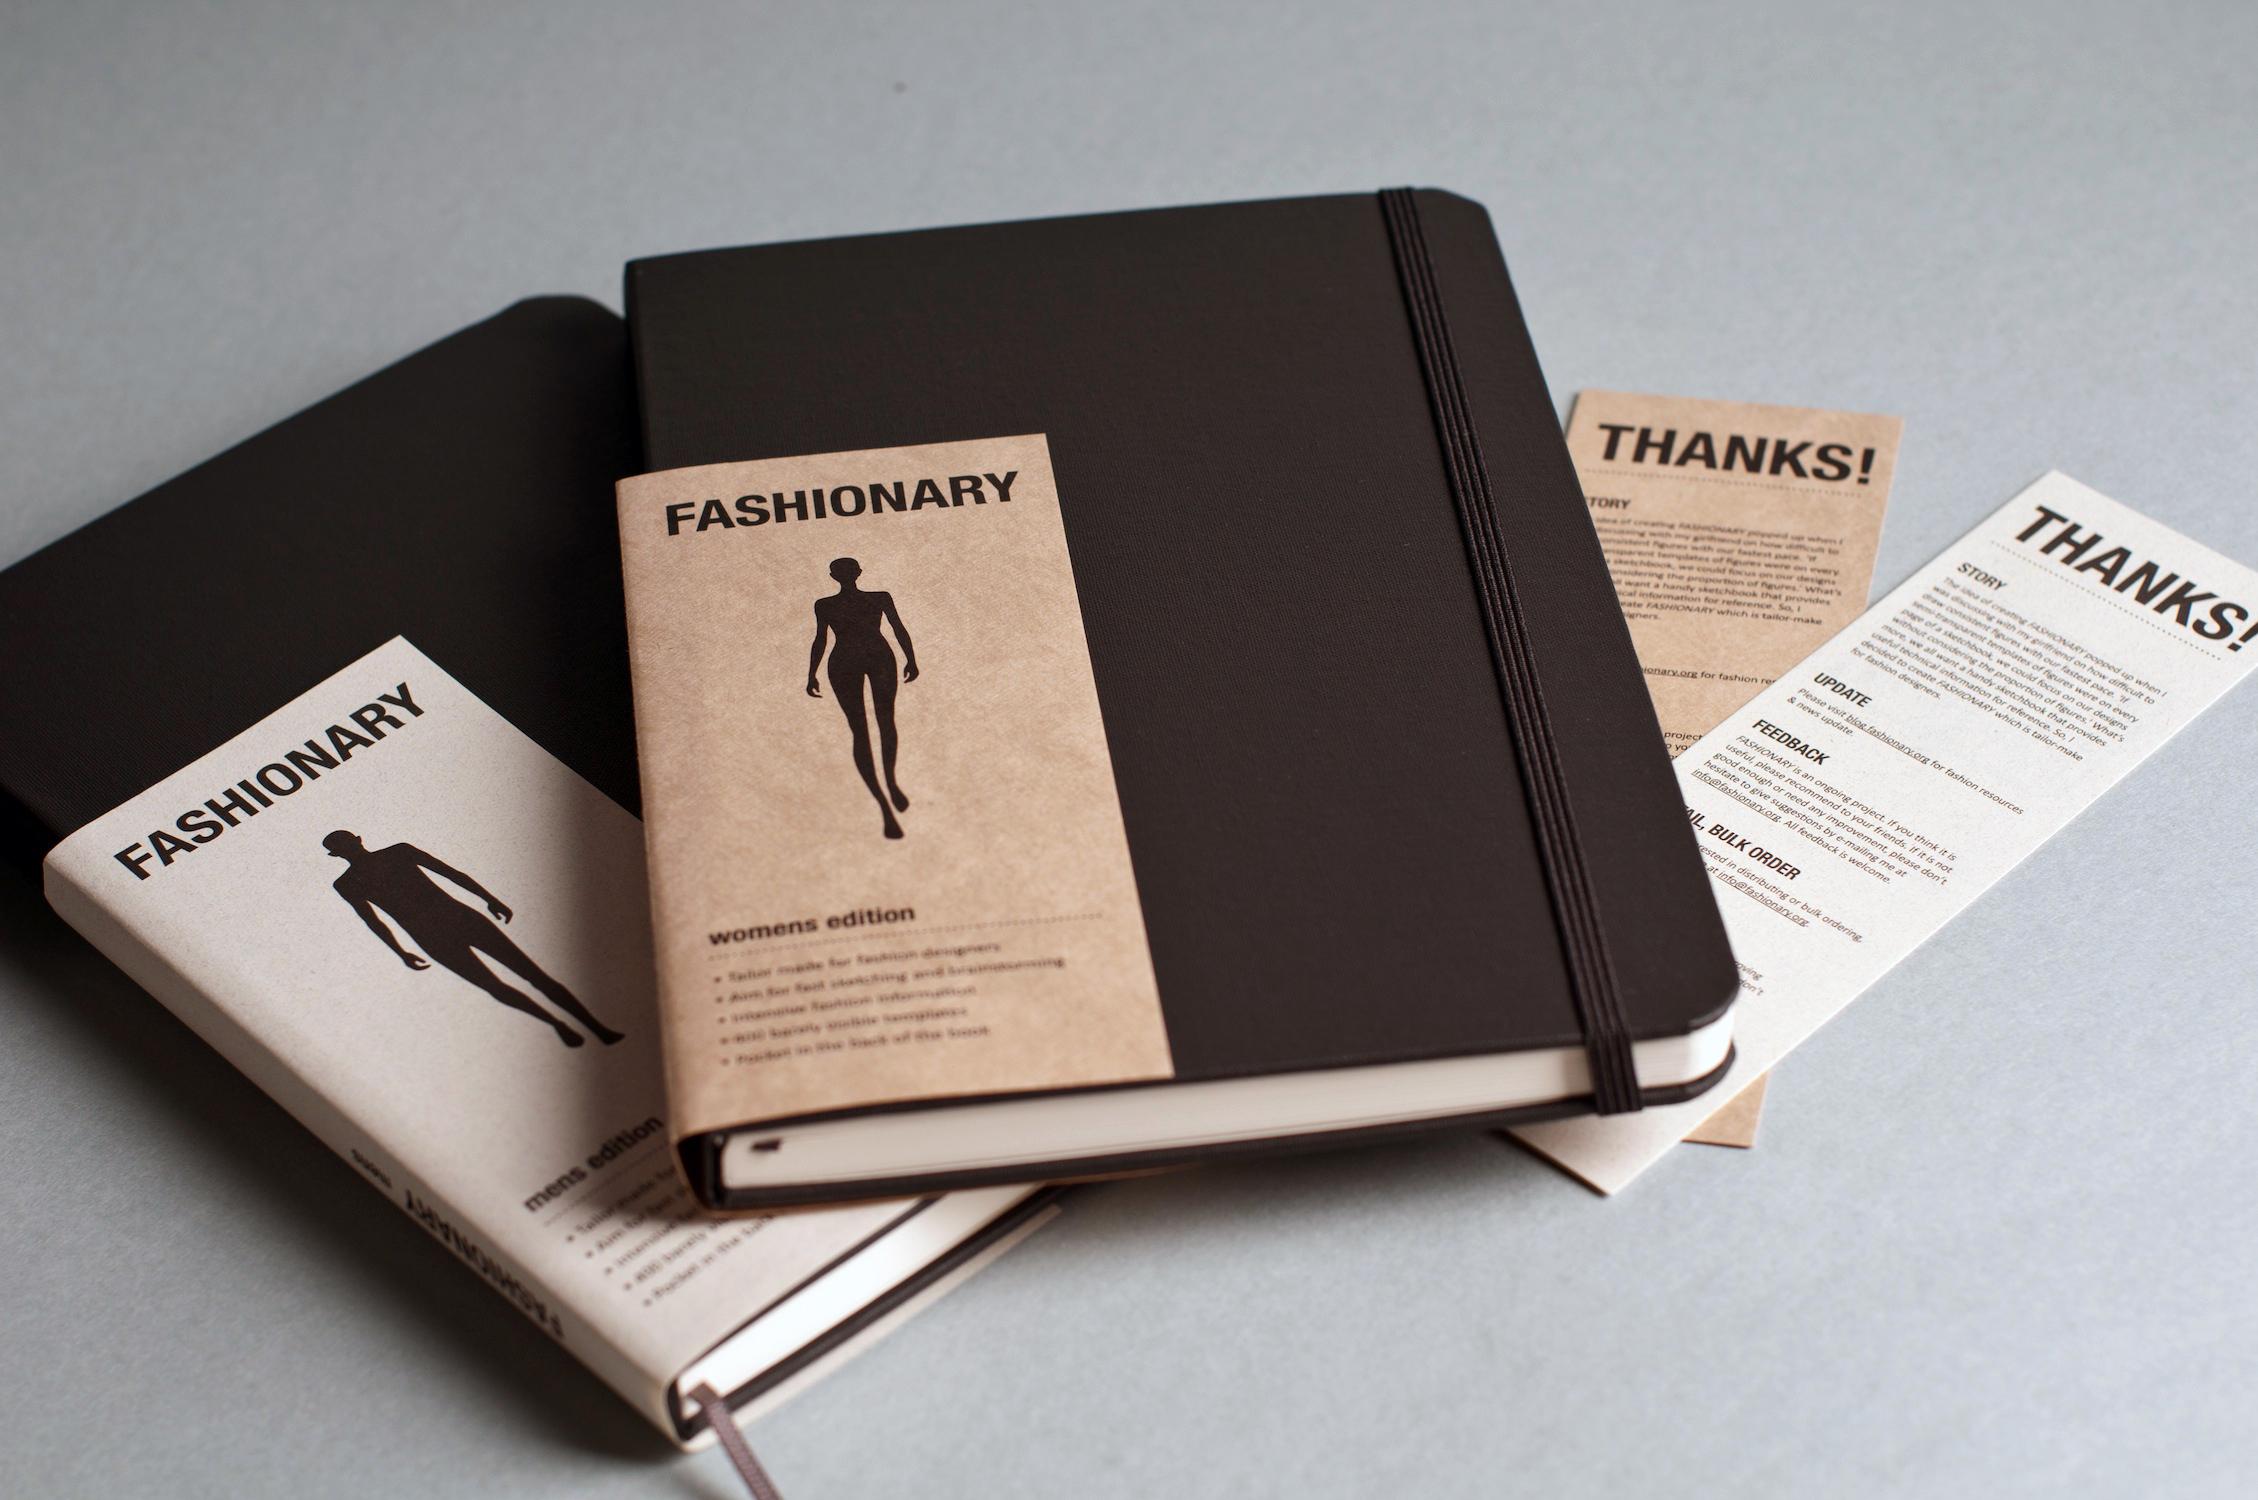 Fashion Dictionary Diary Fashionary